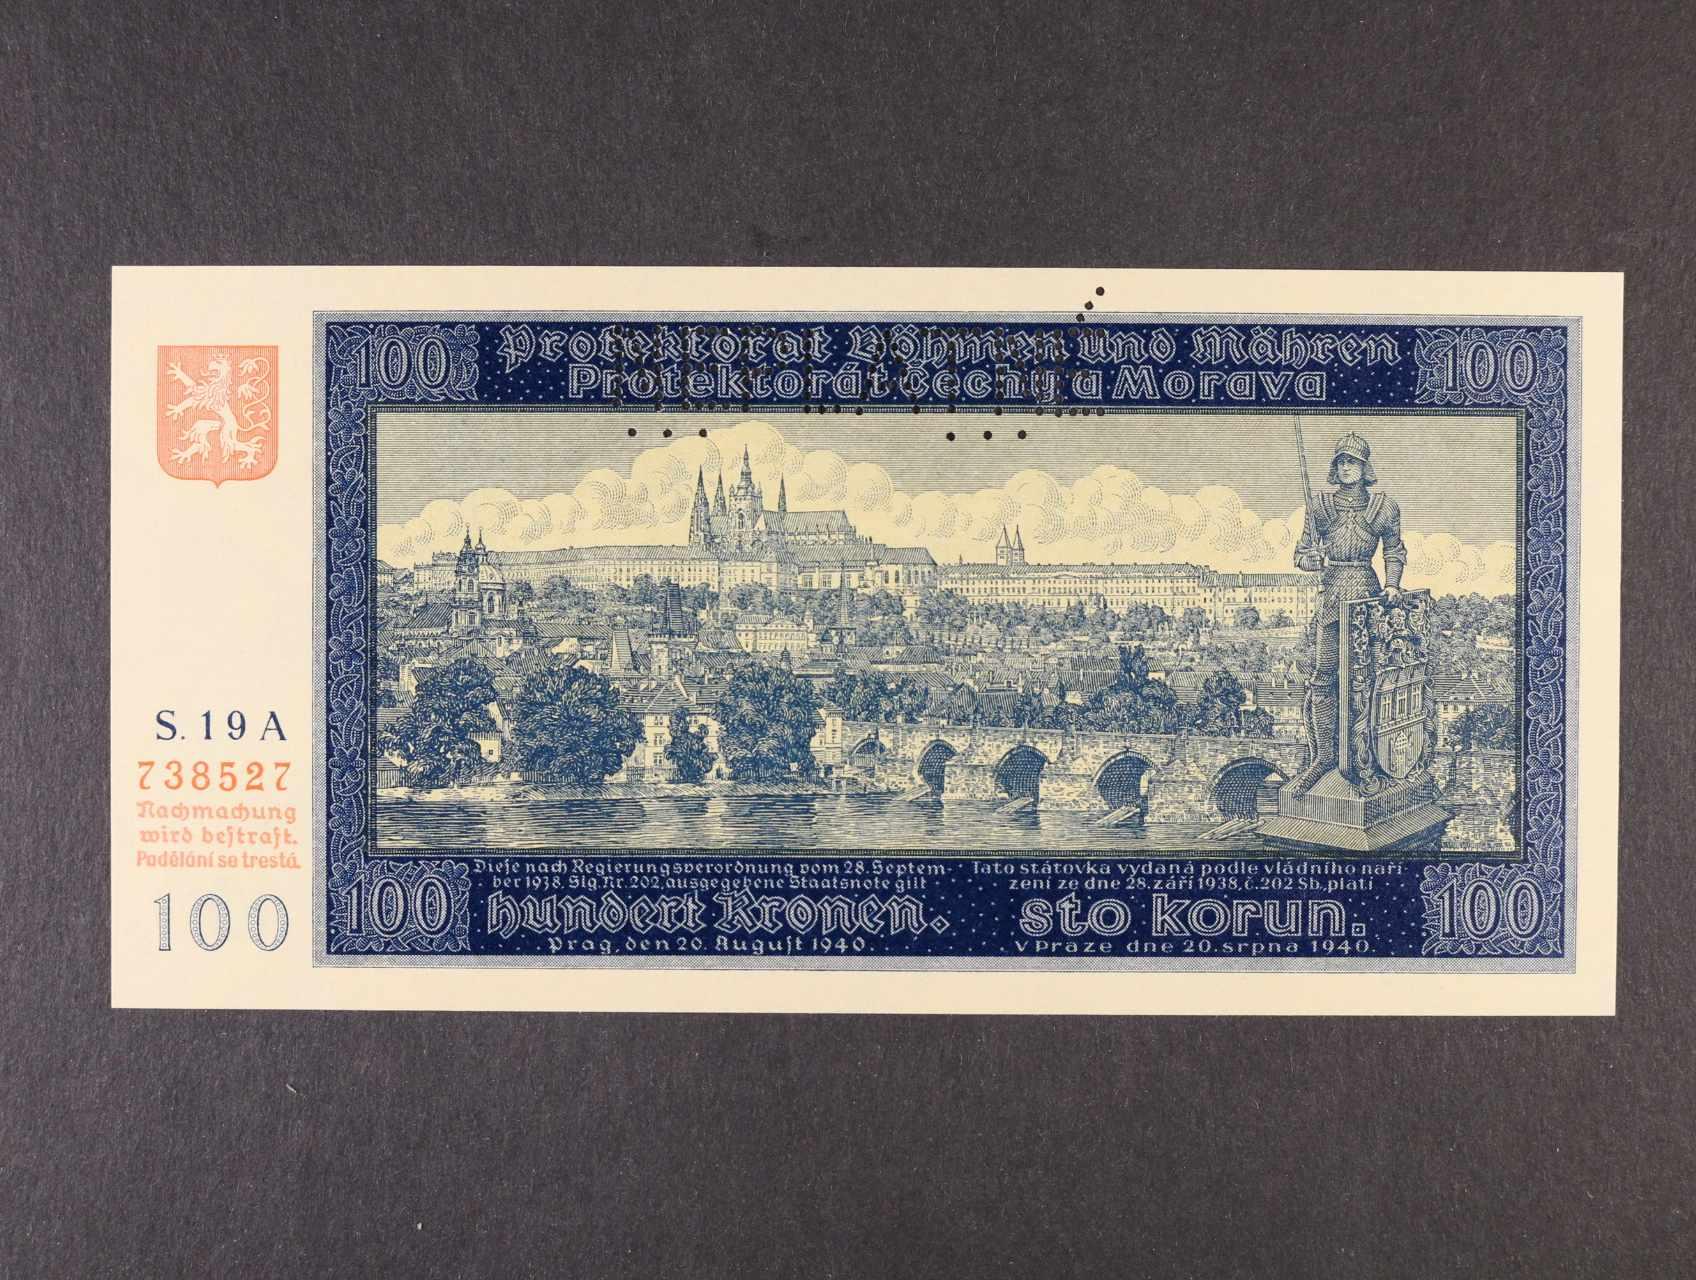 100 K 20.8.1940 I.vydání série 19 A s perf. NEPLATNÉ, Ba. 32, Pi. 6S